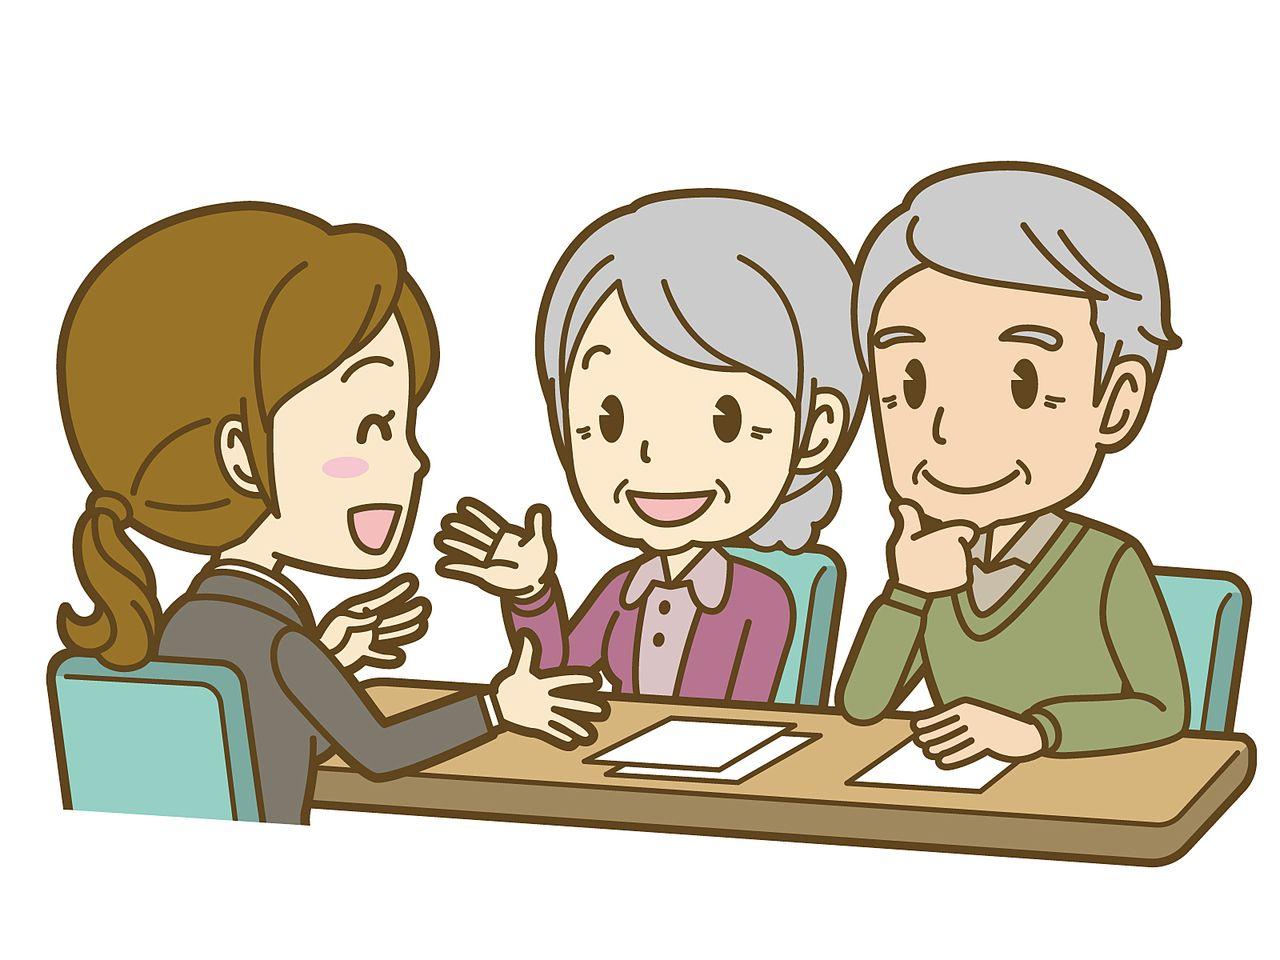 過去に入居者で苦労した大家さんへ。定期借家契約はいかがでしょうか。